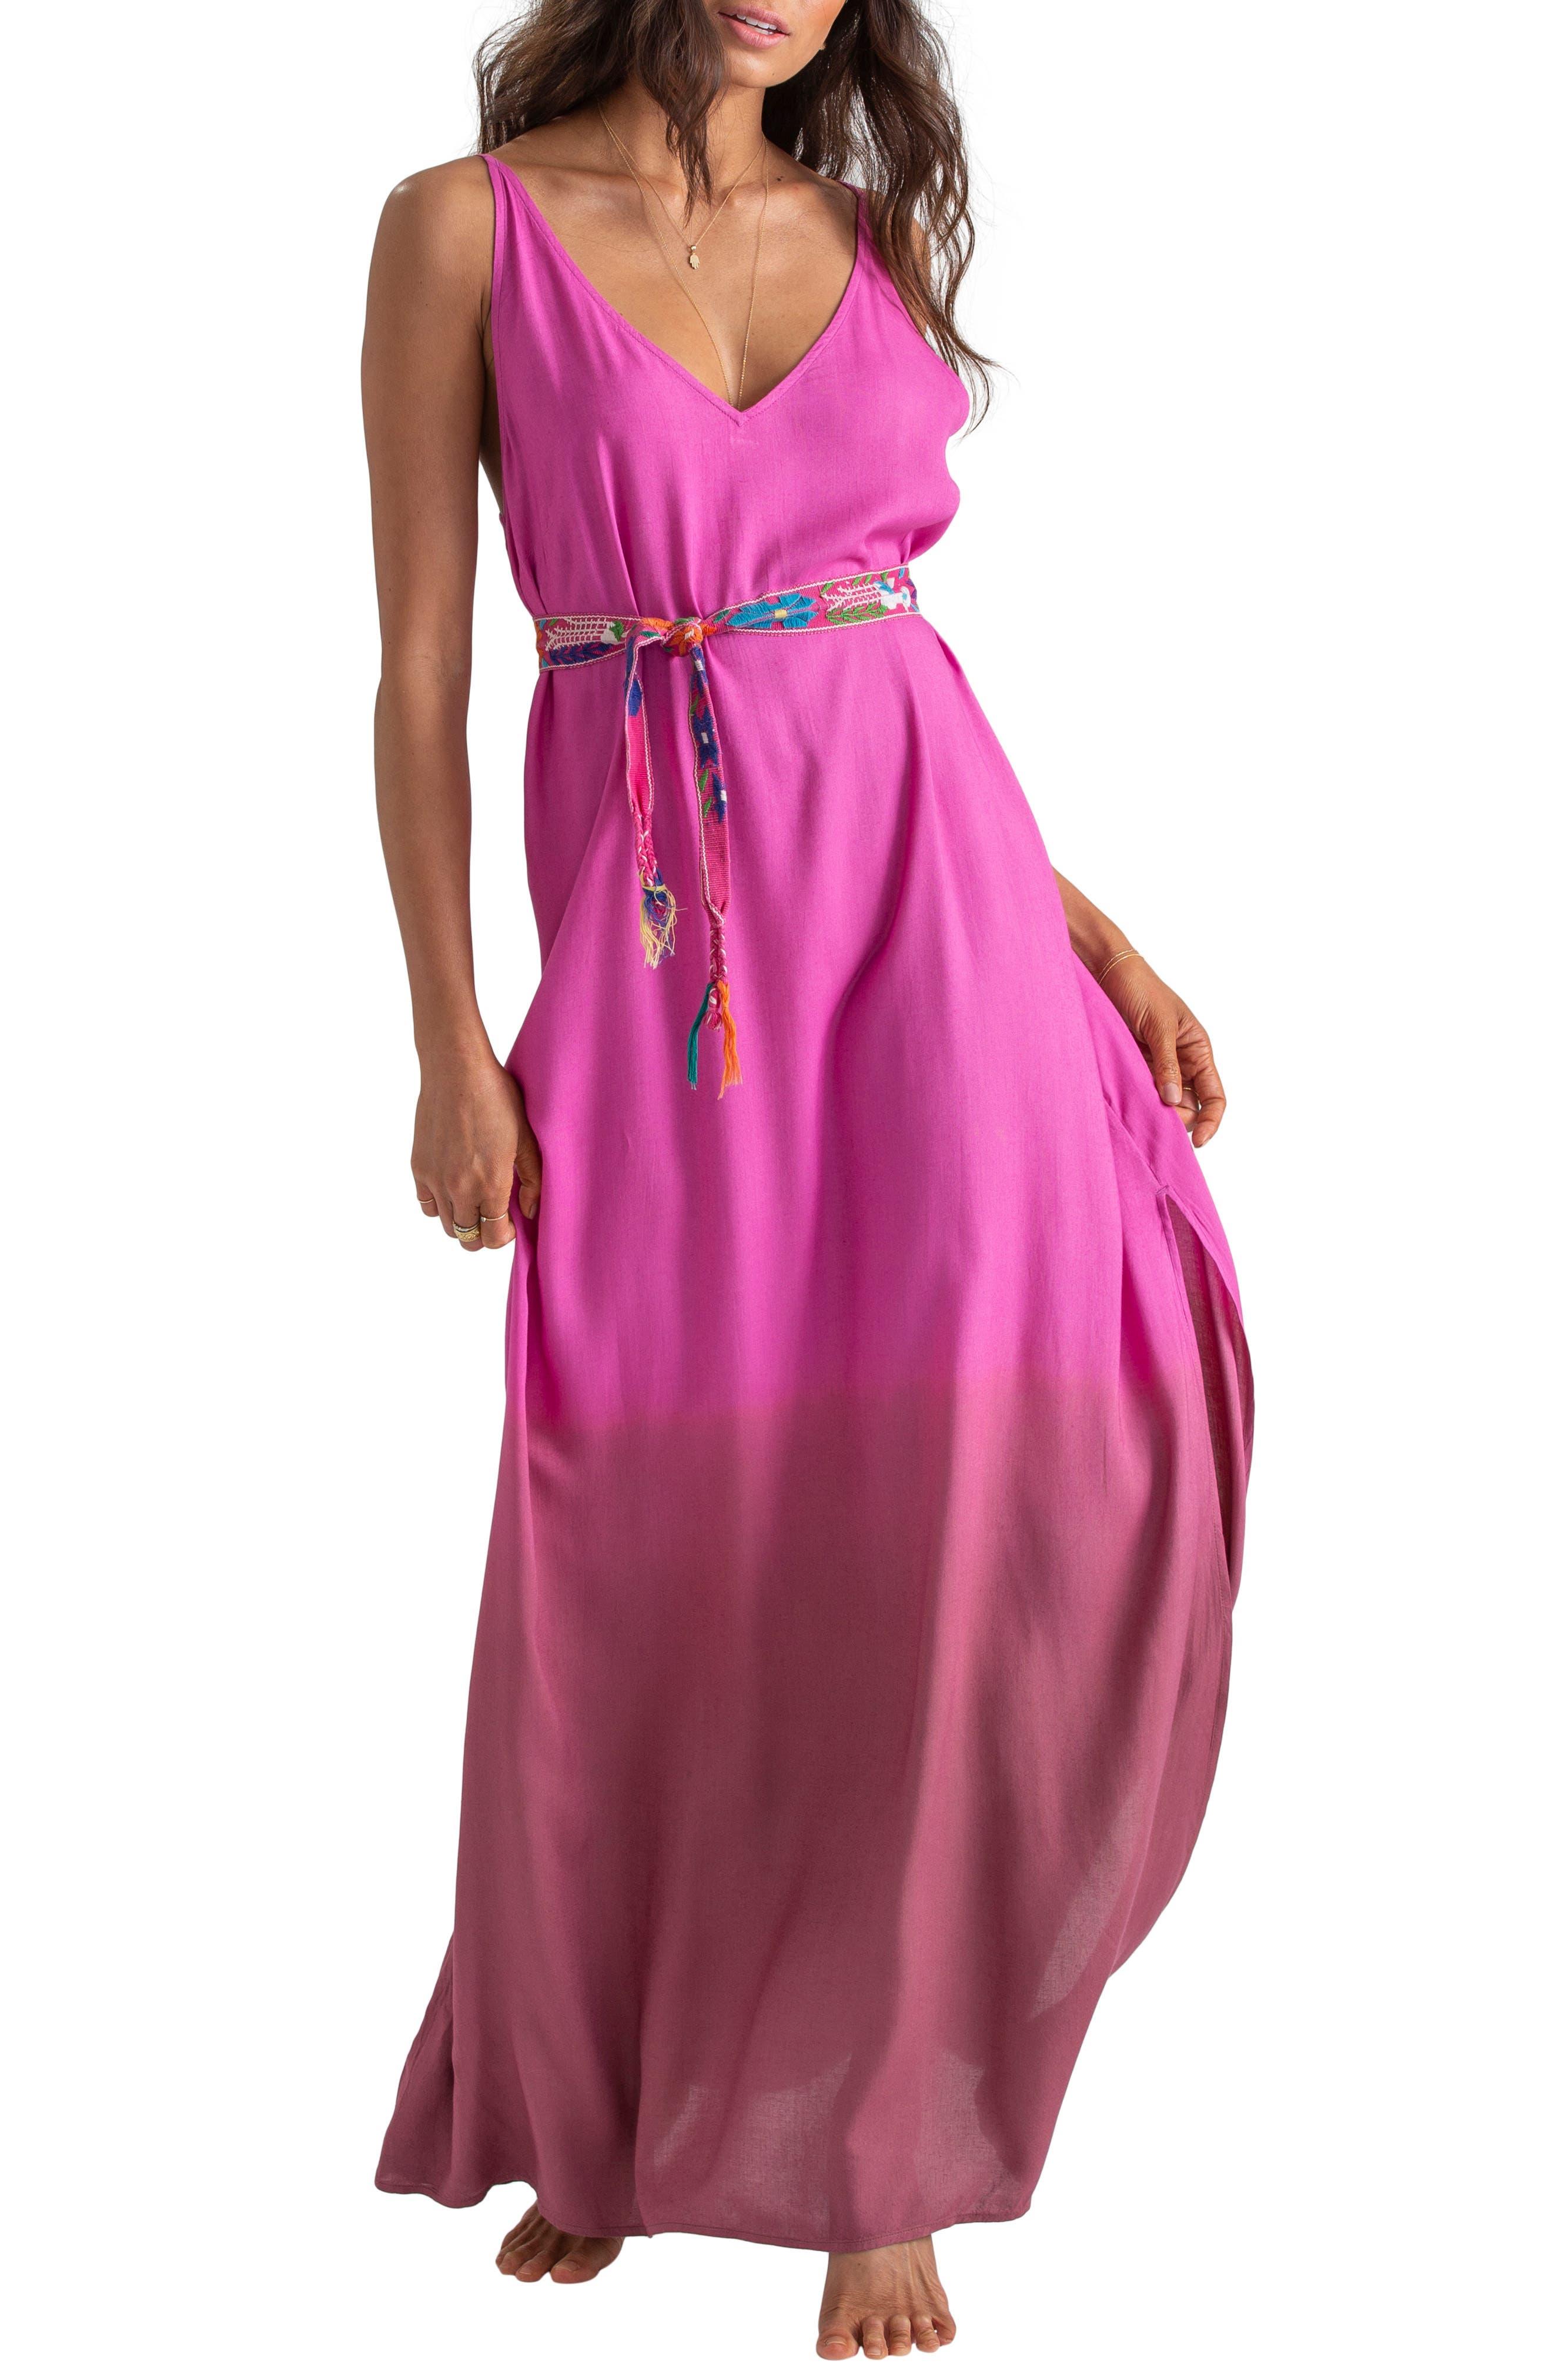 Billabong X Sincerely Jules High Point Maxi Dress, Pink